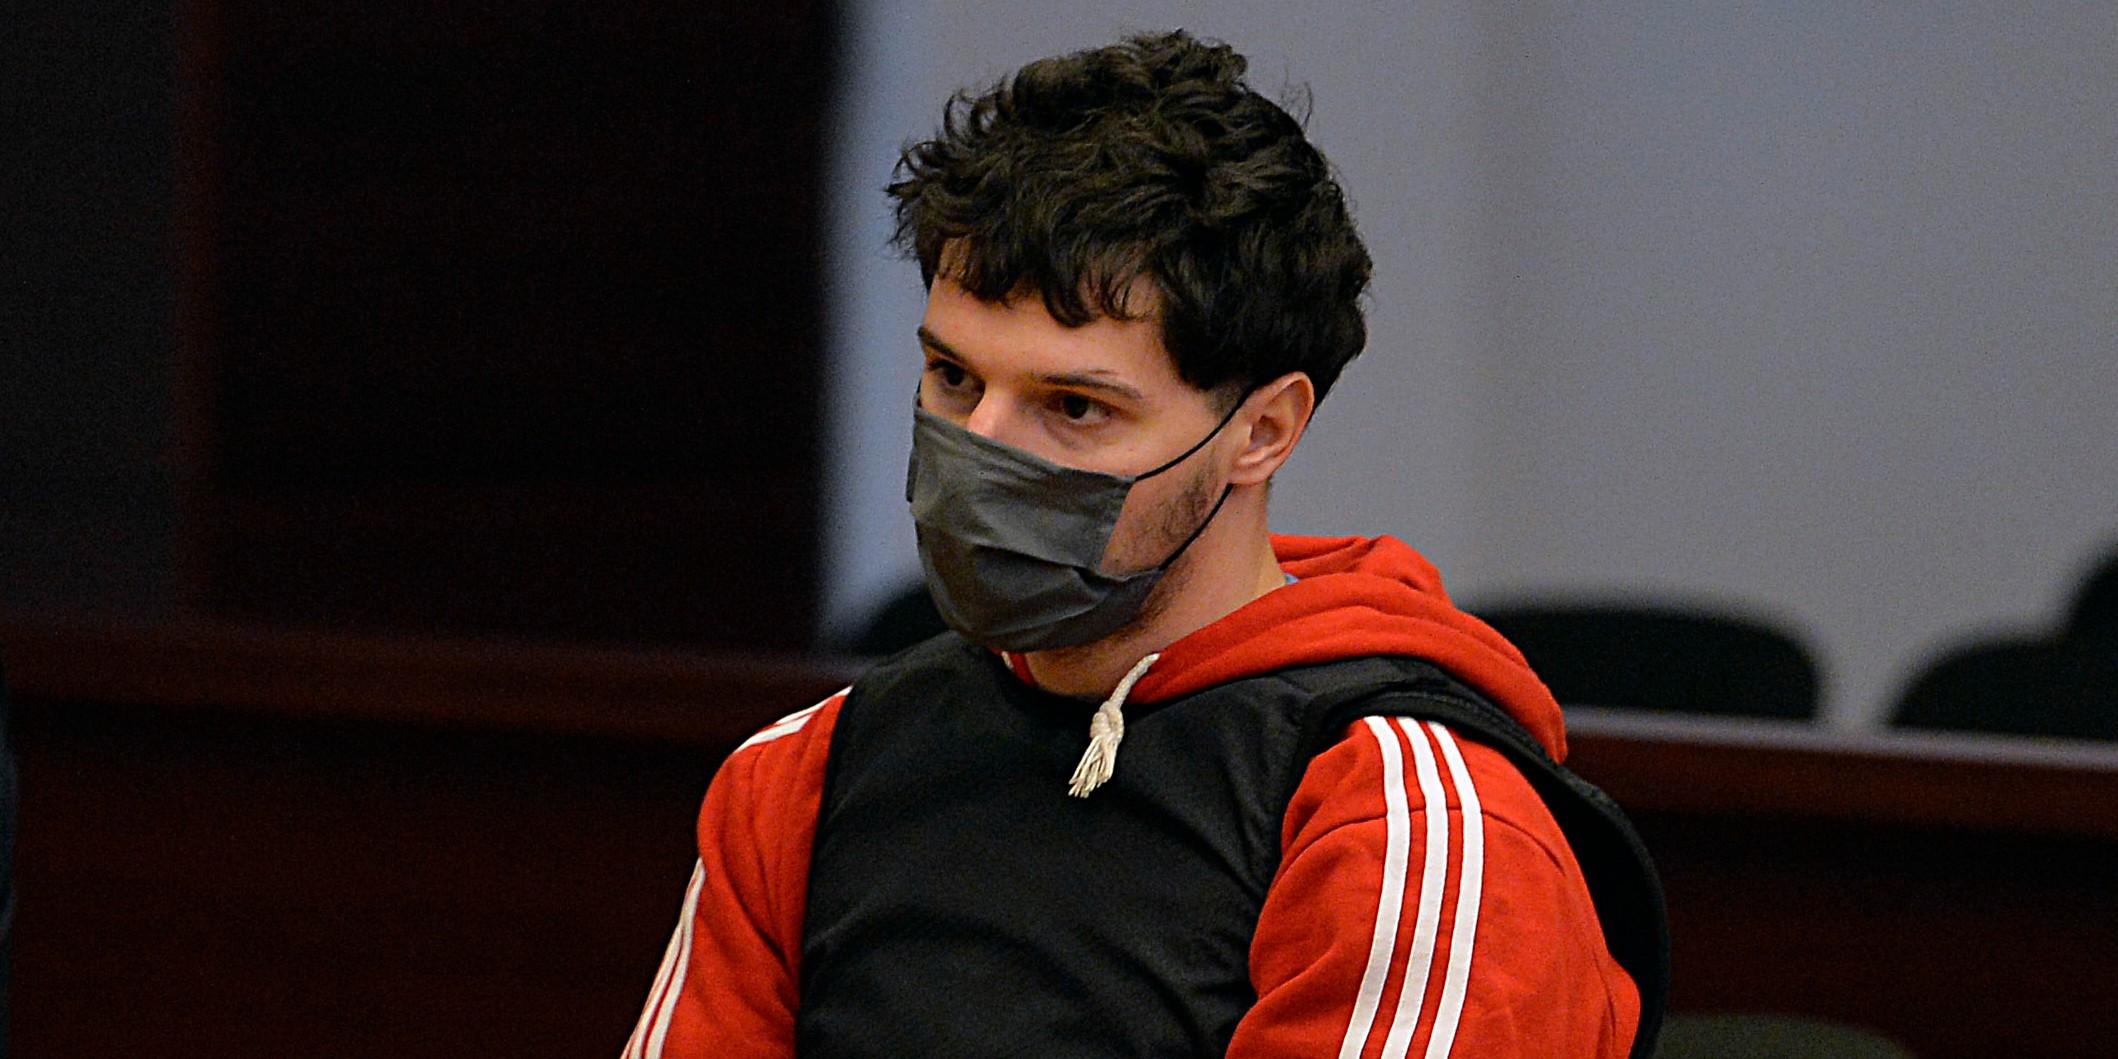 PRIJETNJA LIKVIDACIJOM? Filip Zavadlav i pratnja na suđenju su nosili pancirke!